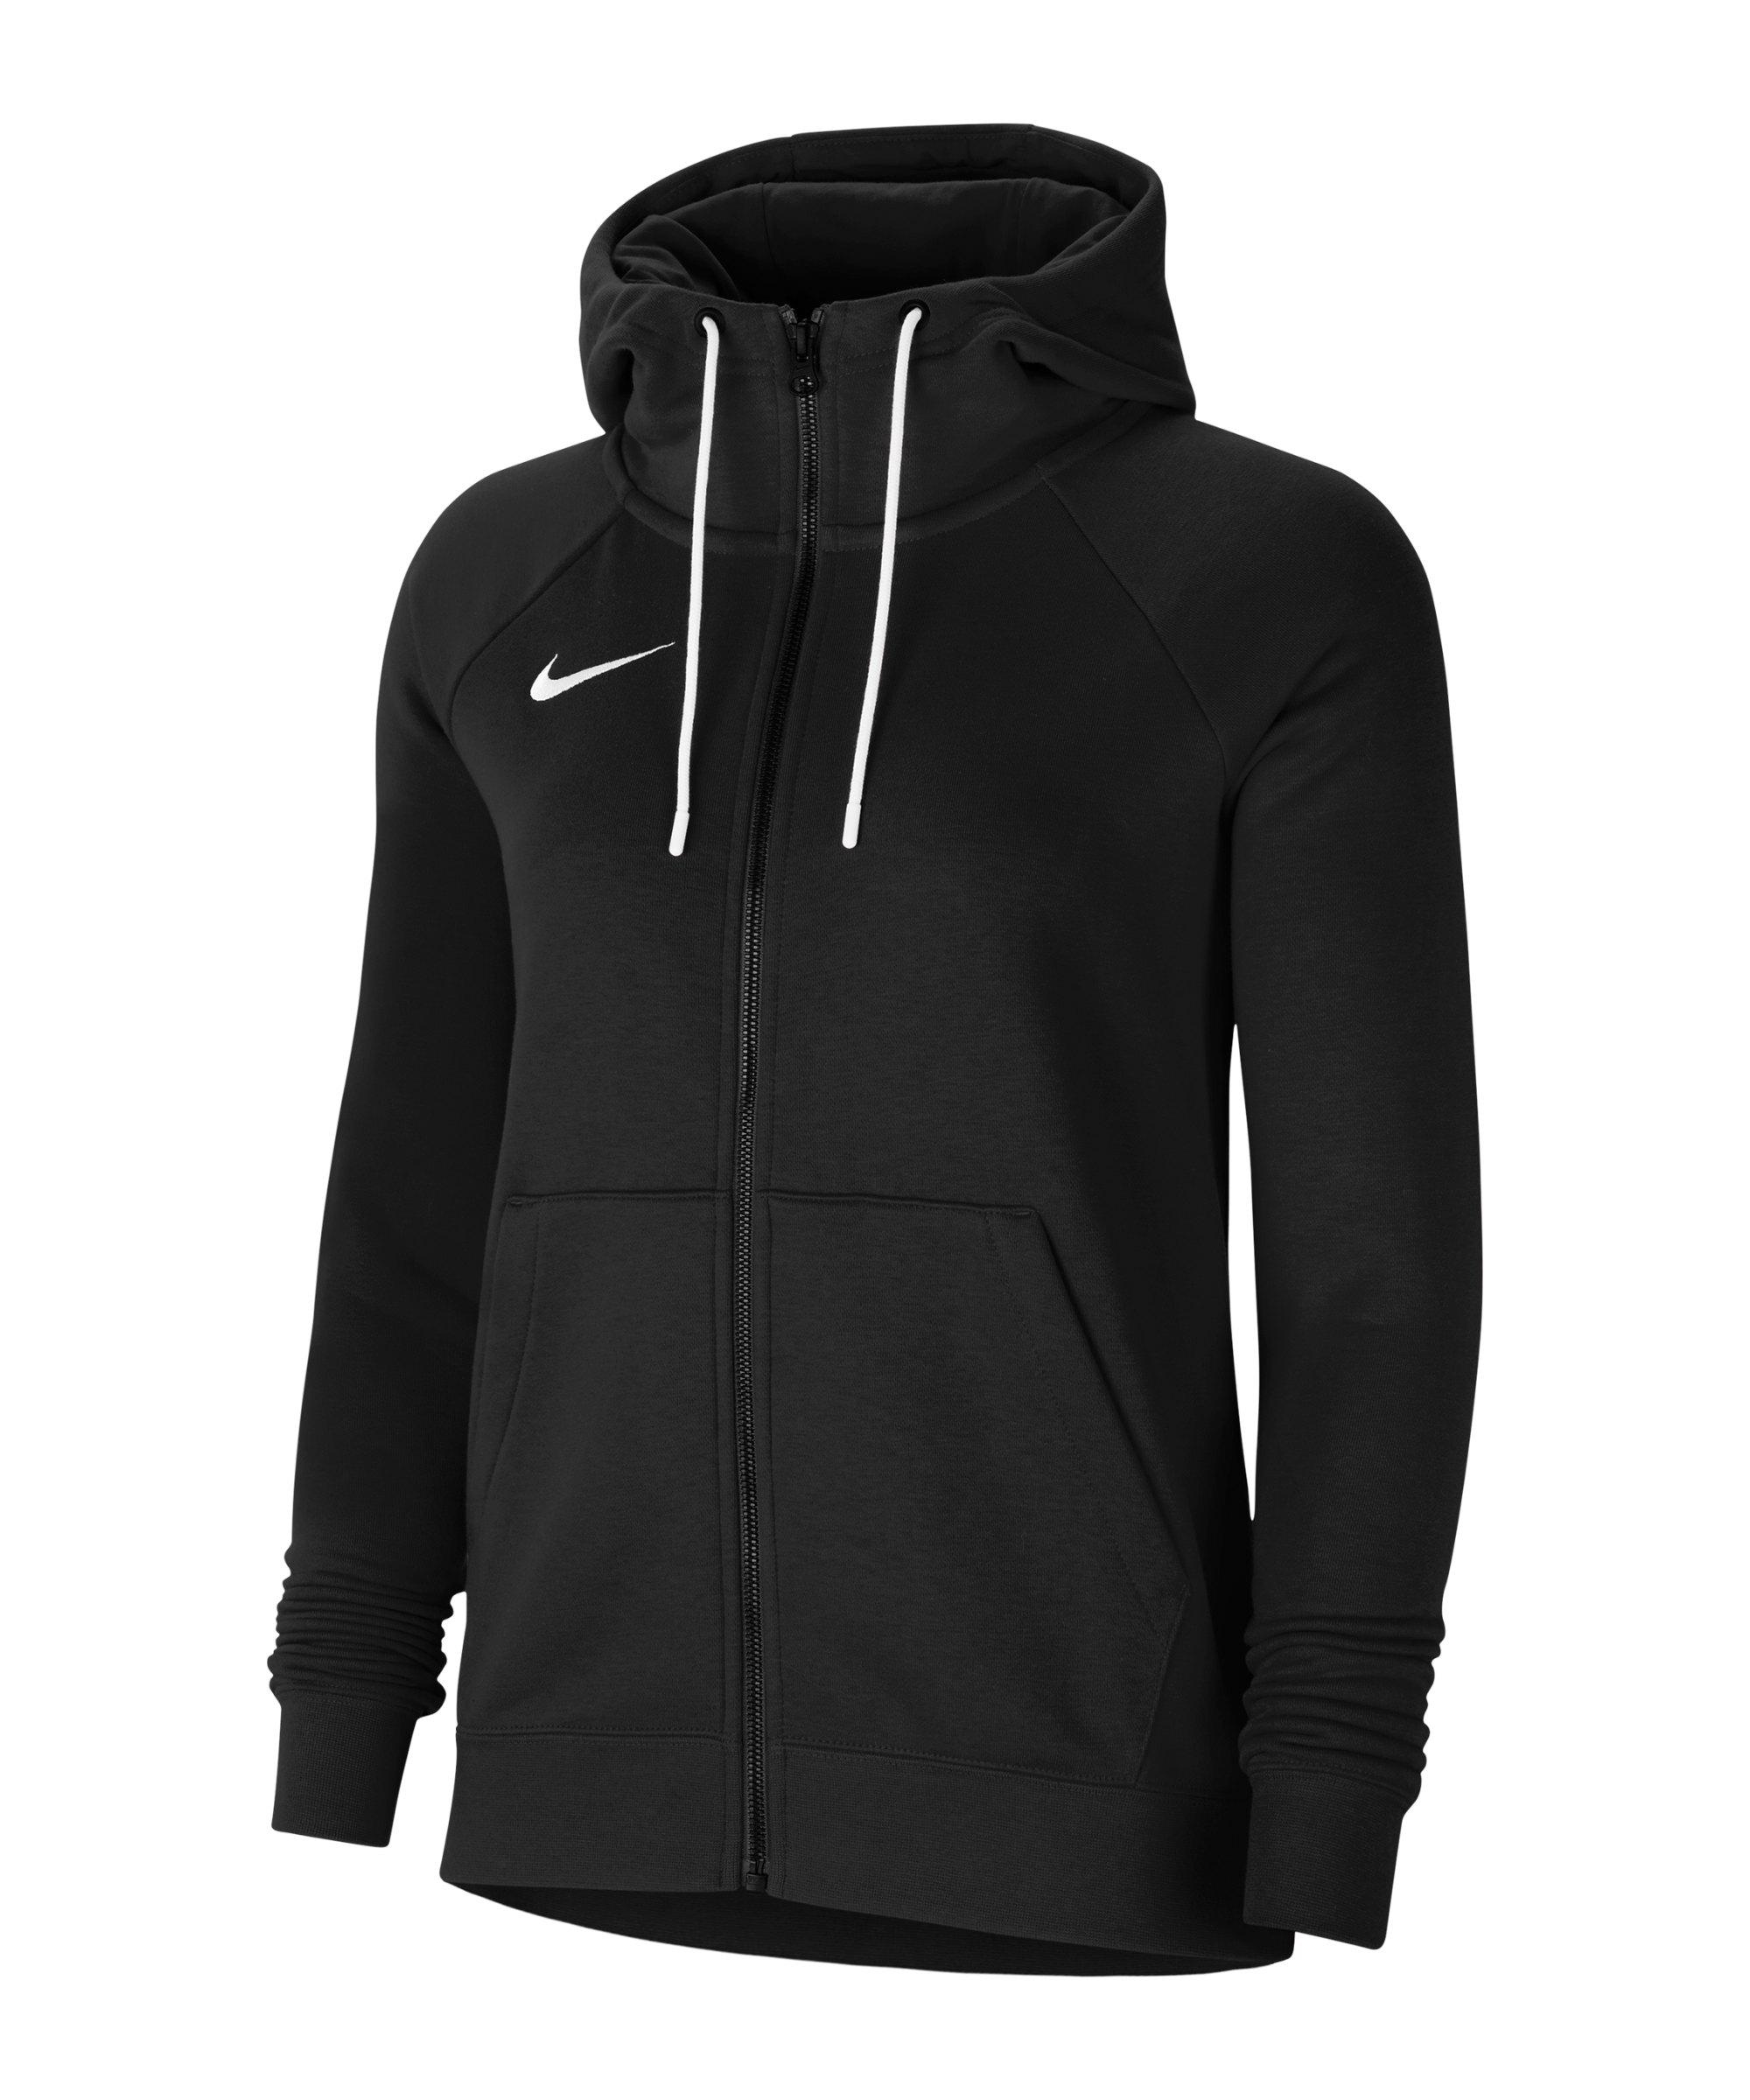 Nike Park 20 Fleece Kapuzenjacke Damen F010 - schwarz